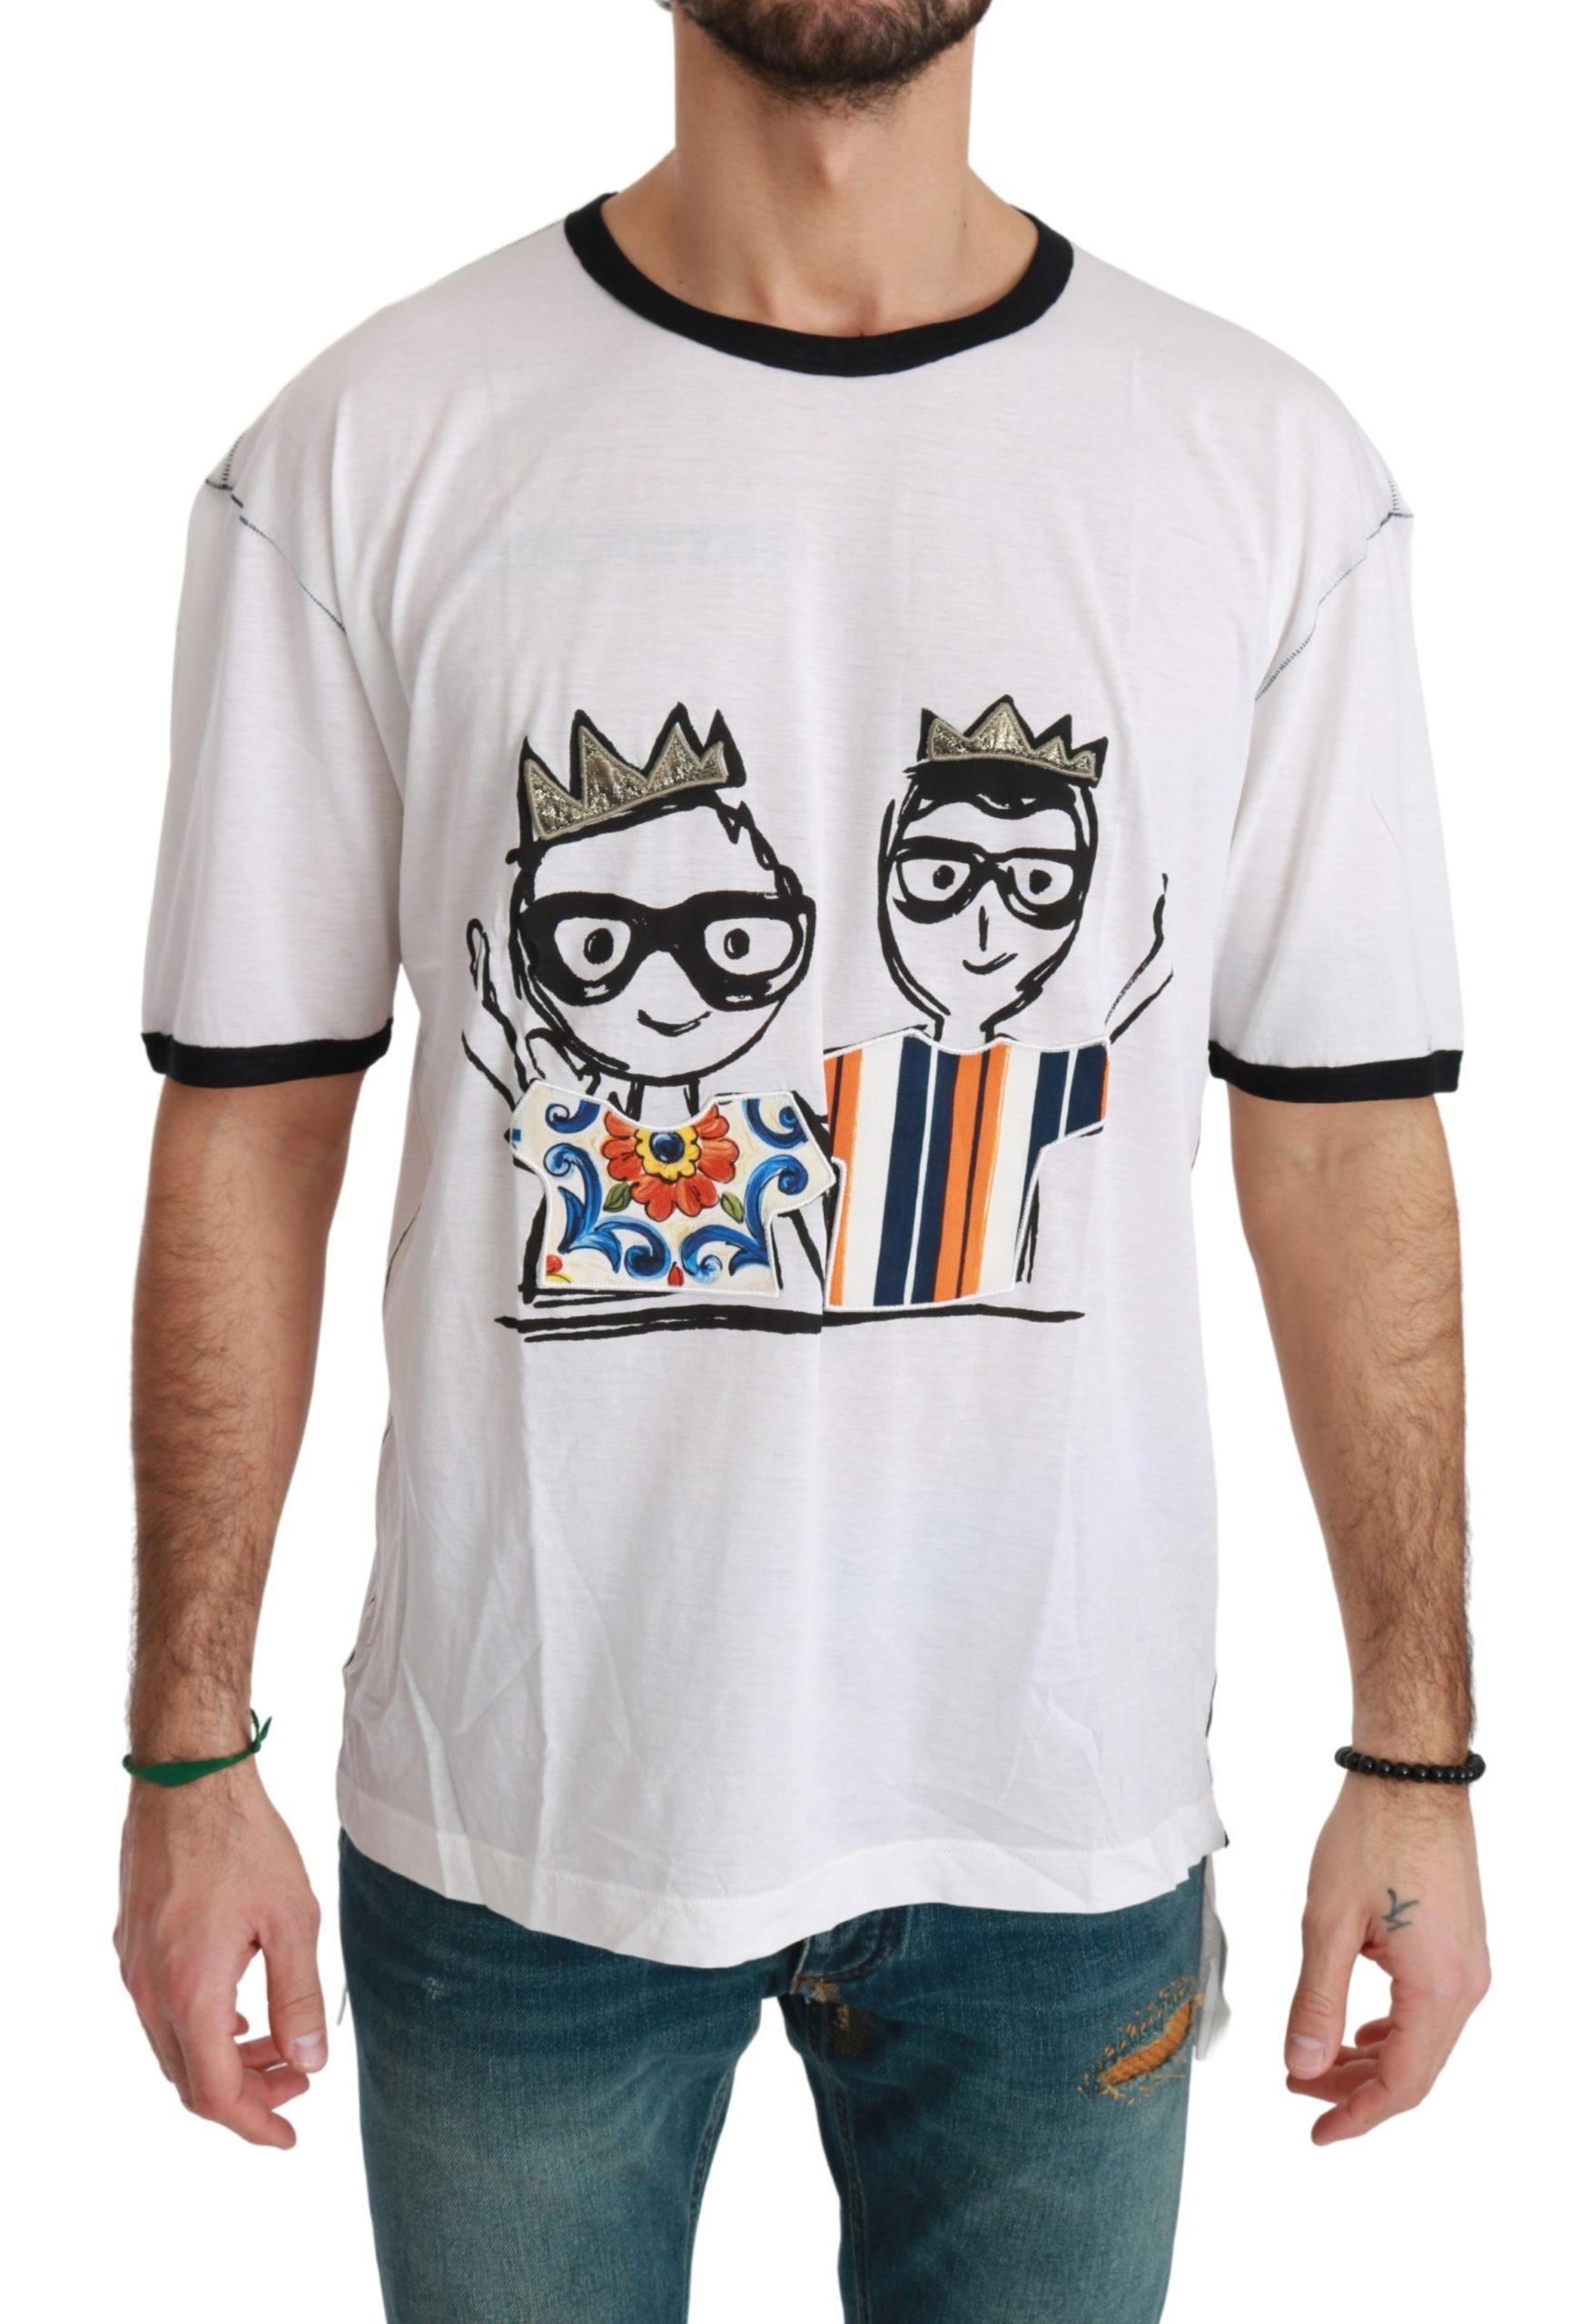 Dolce & Gabbana Men's Print Cotton T-Shirt White TSH4511 - IT44 | XS